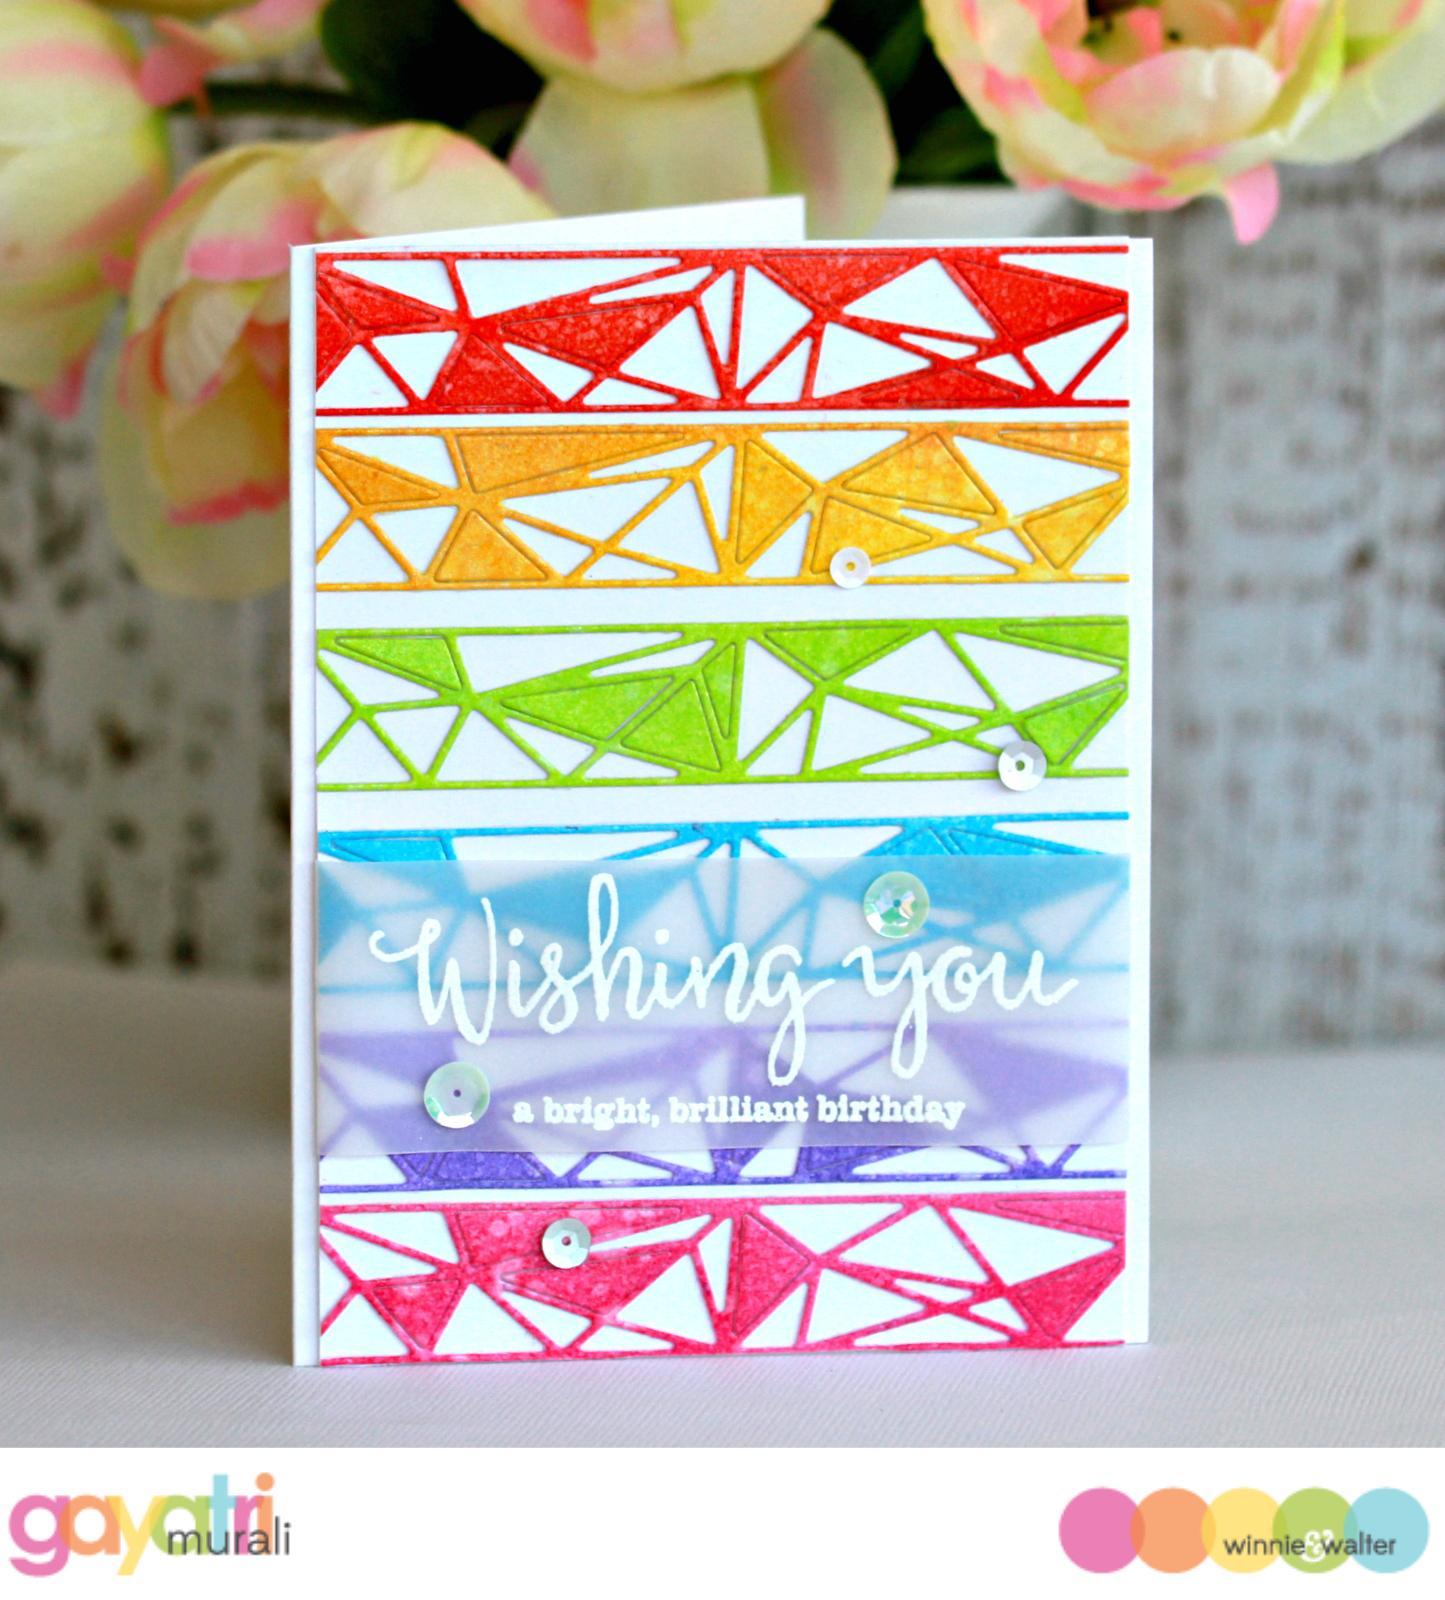 gayatri_Wishing you card #1